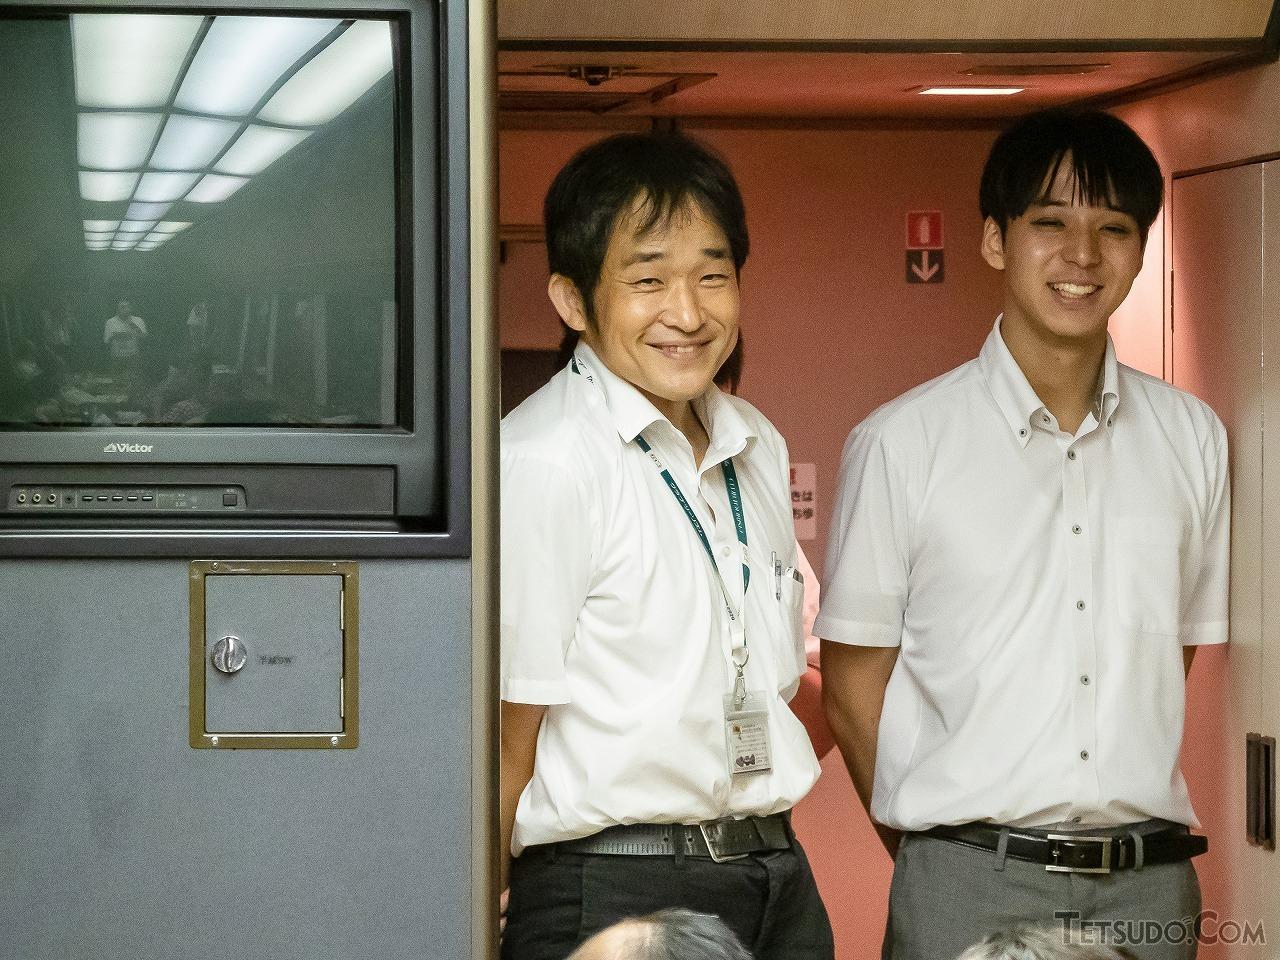 クイズ大会の様子を見に来た大塚氏と鈴木氏。「華」は1997年に改造された車両で、今や貴重なブラウン管のモニターとカラオケセットが搭載されています